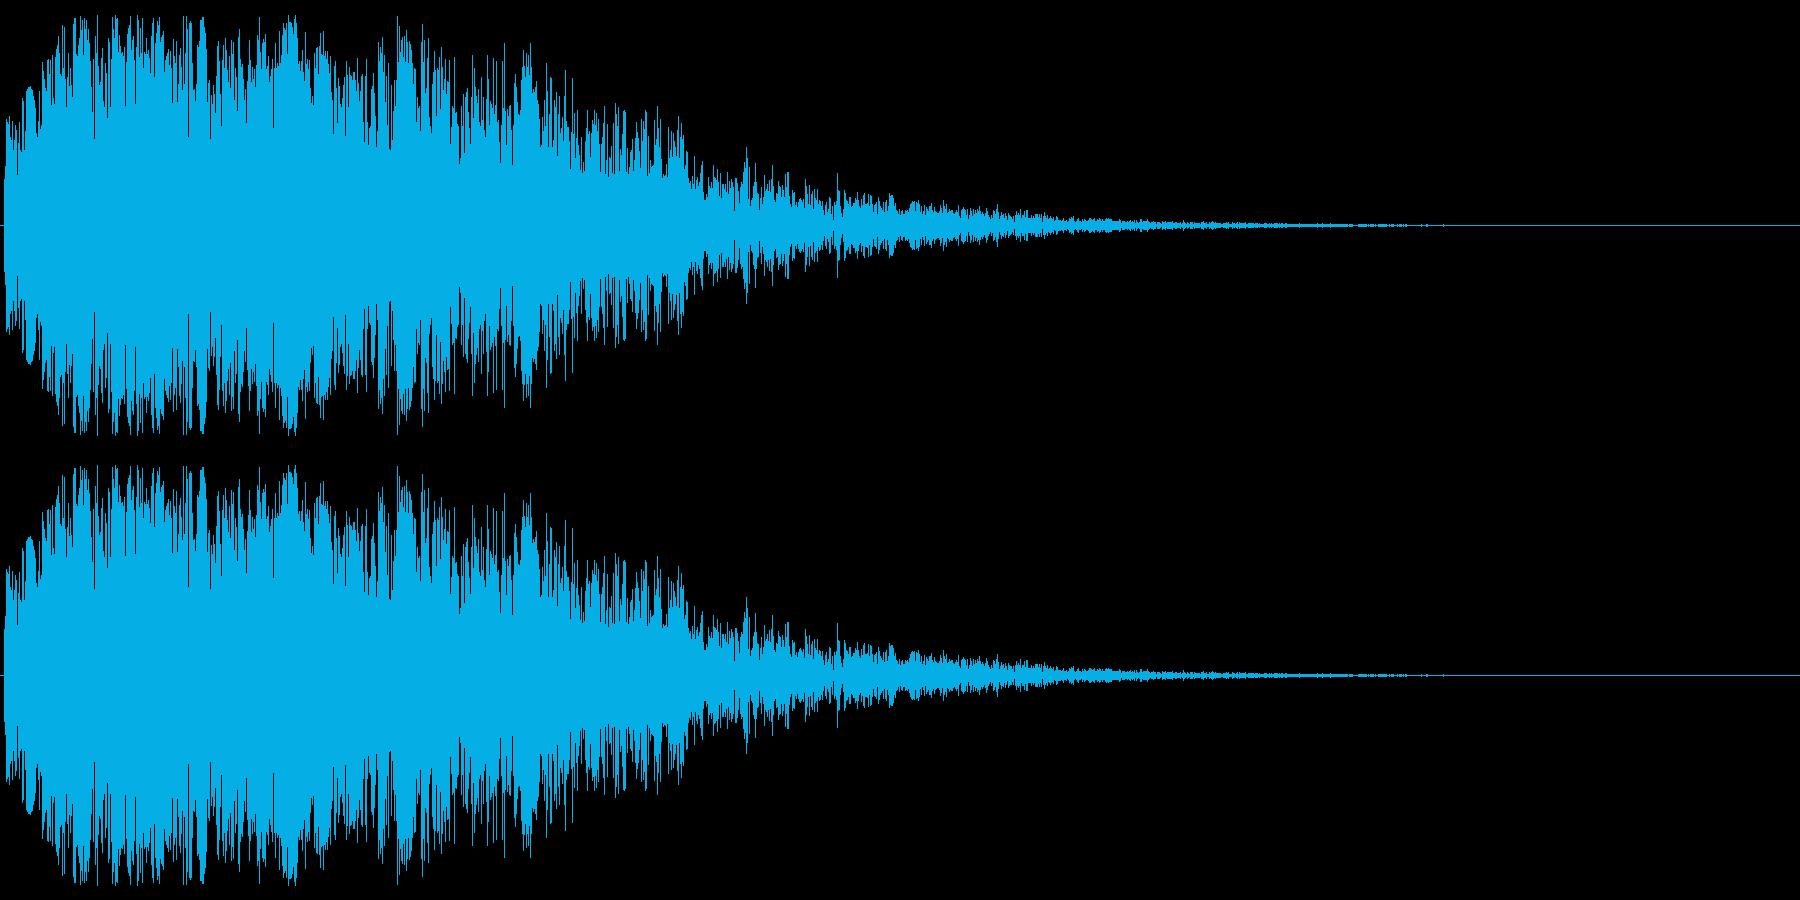 アニメのアクションシーンのイメージです…の再生済みの波形